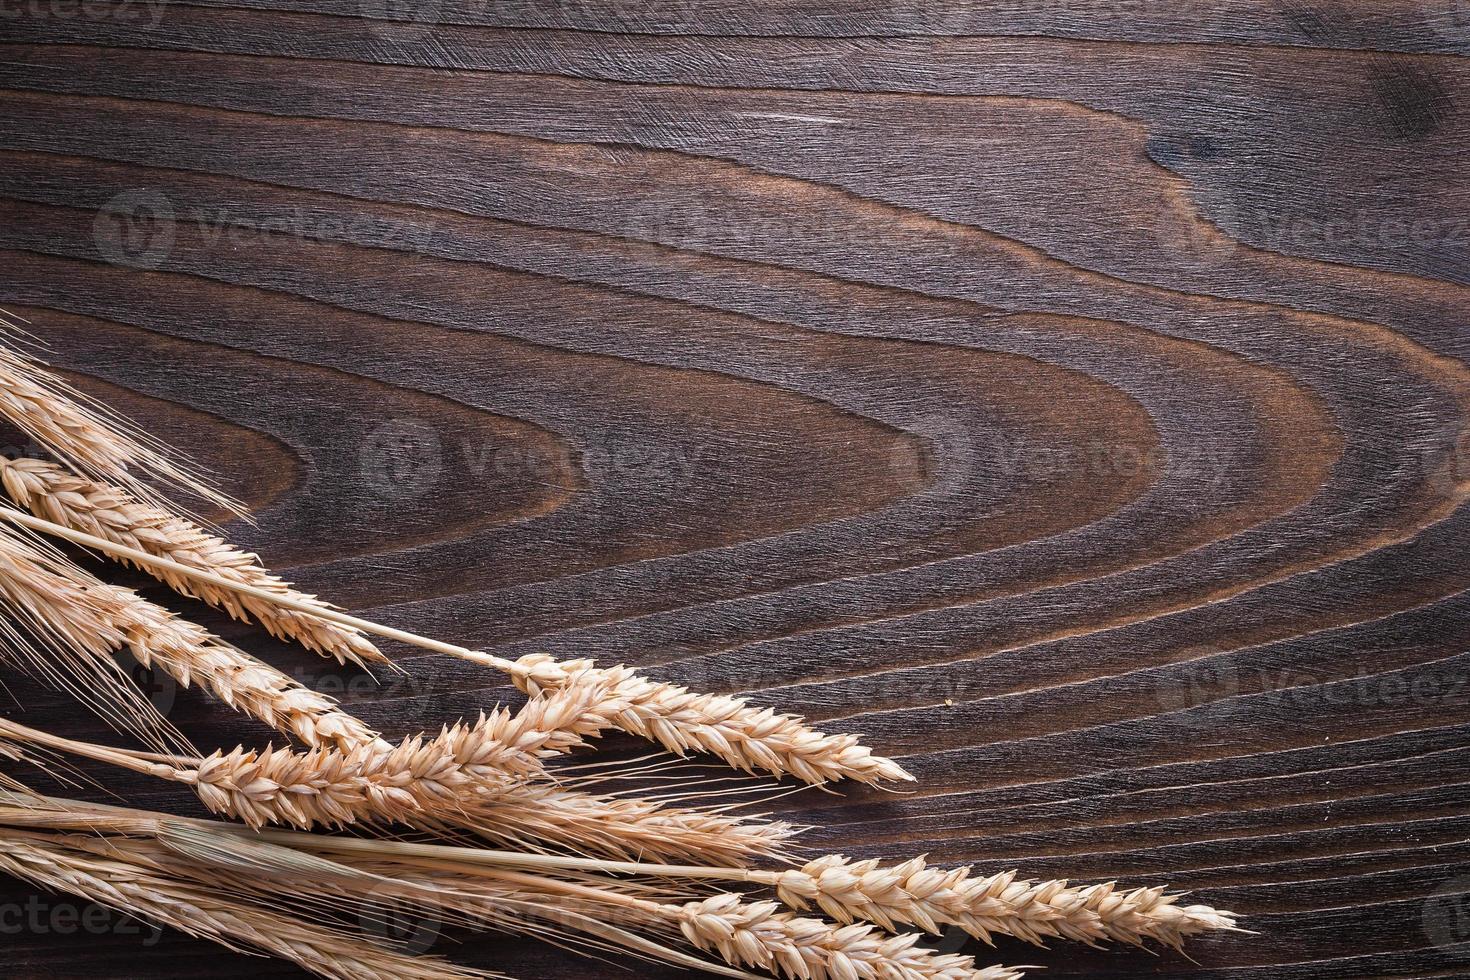 kopieer ruimte afbeelding van tarwe rogge oren op houten vintage foto